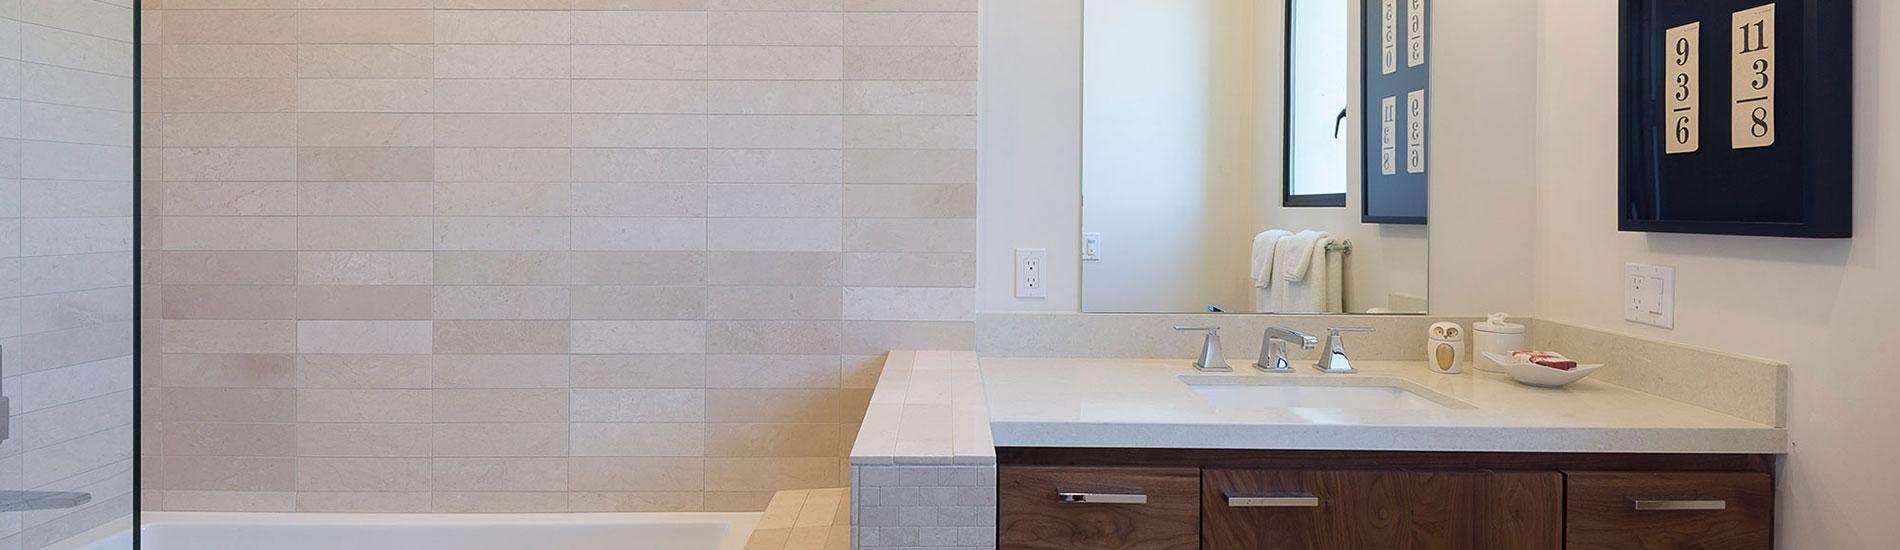 bathroom_counter_slide_bg